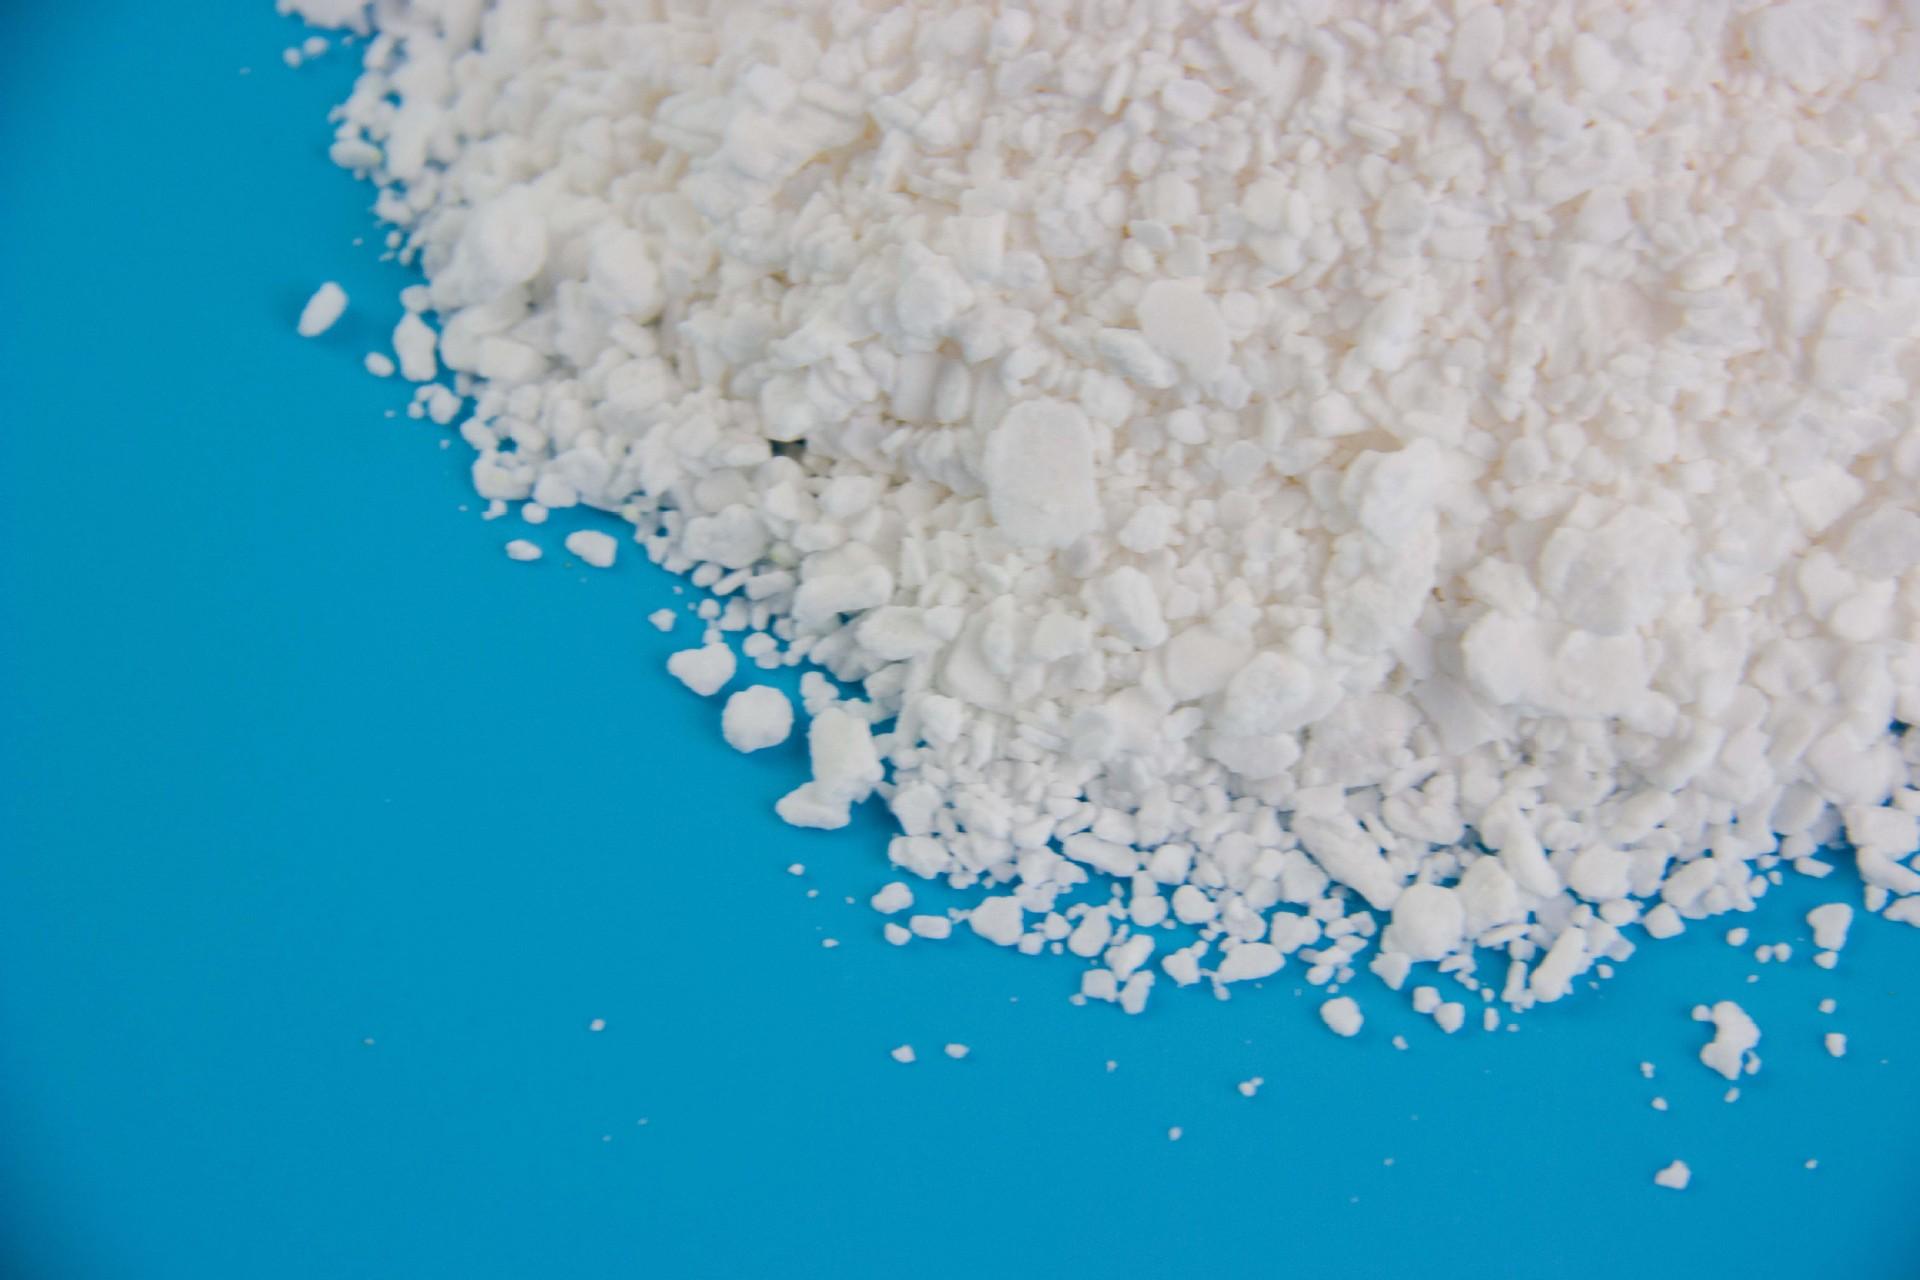 浙江发货巨化牌二水氯化钙74%工业级二水氯化钙片状水处理除磷剂示例图19